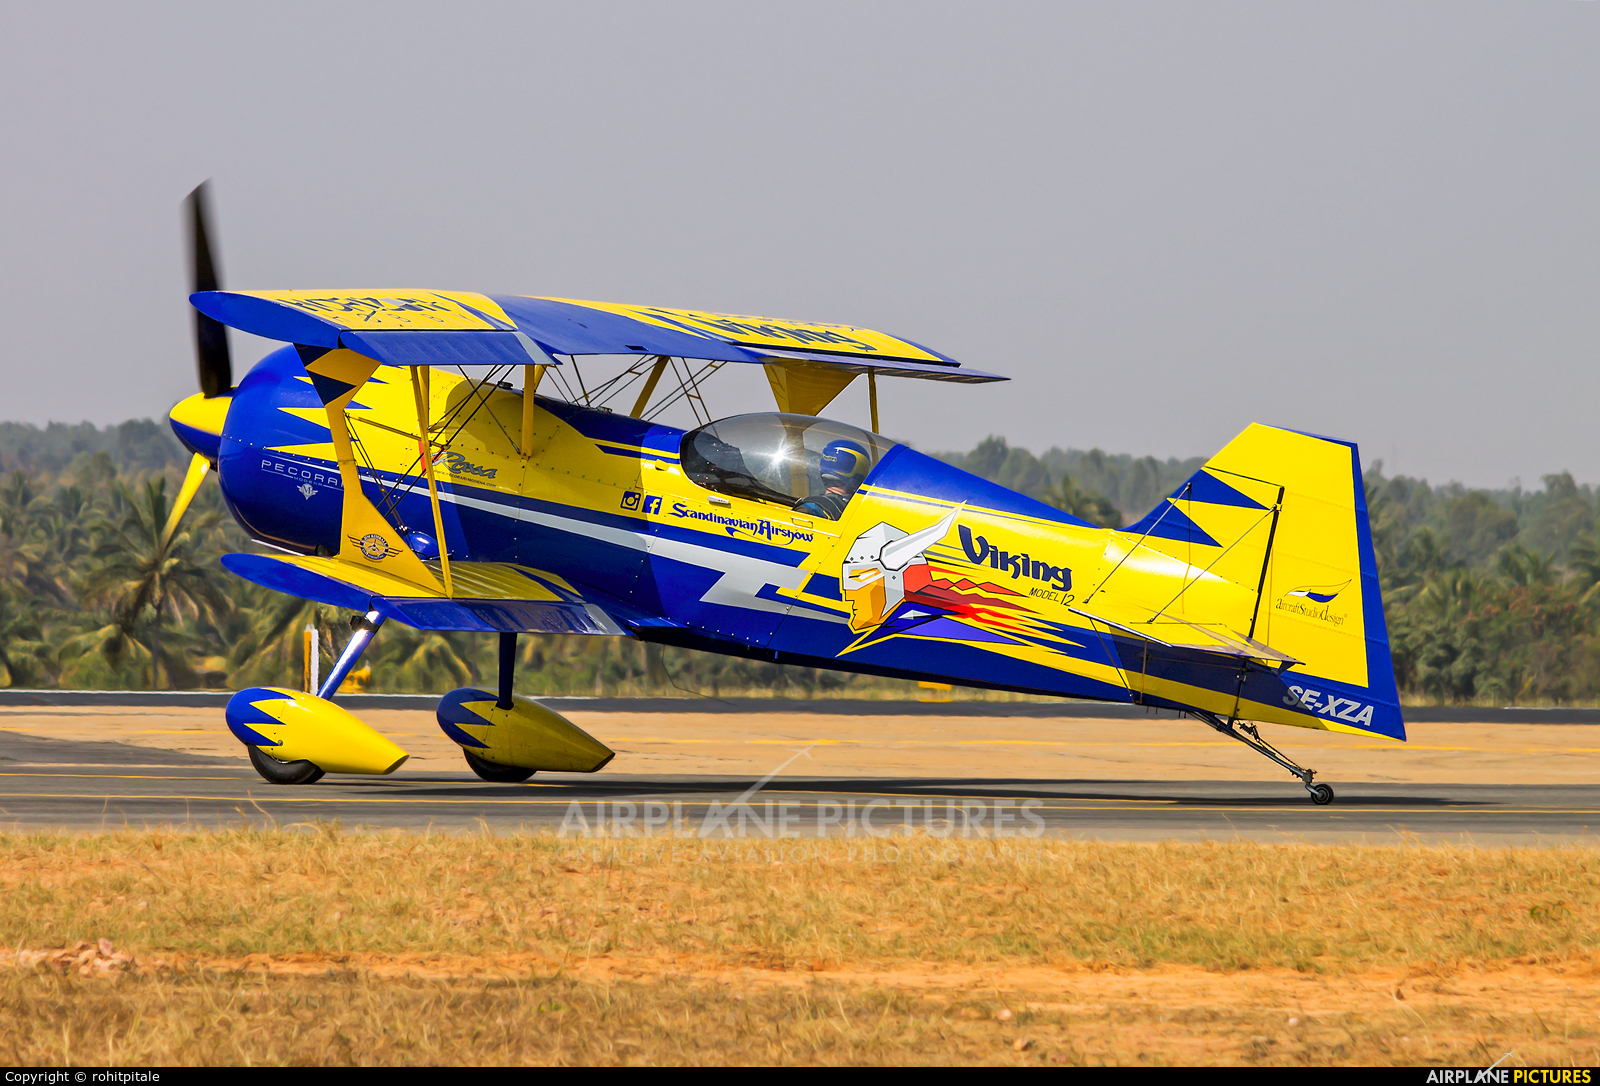 Private SE-XZA aircraft at Yelahanka AFB